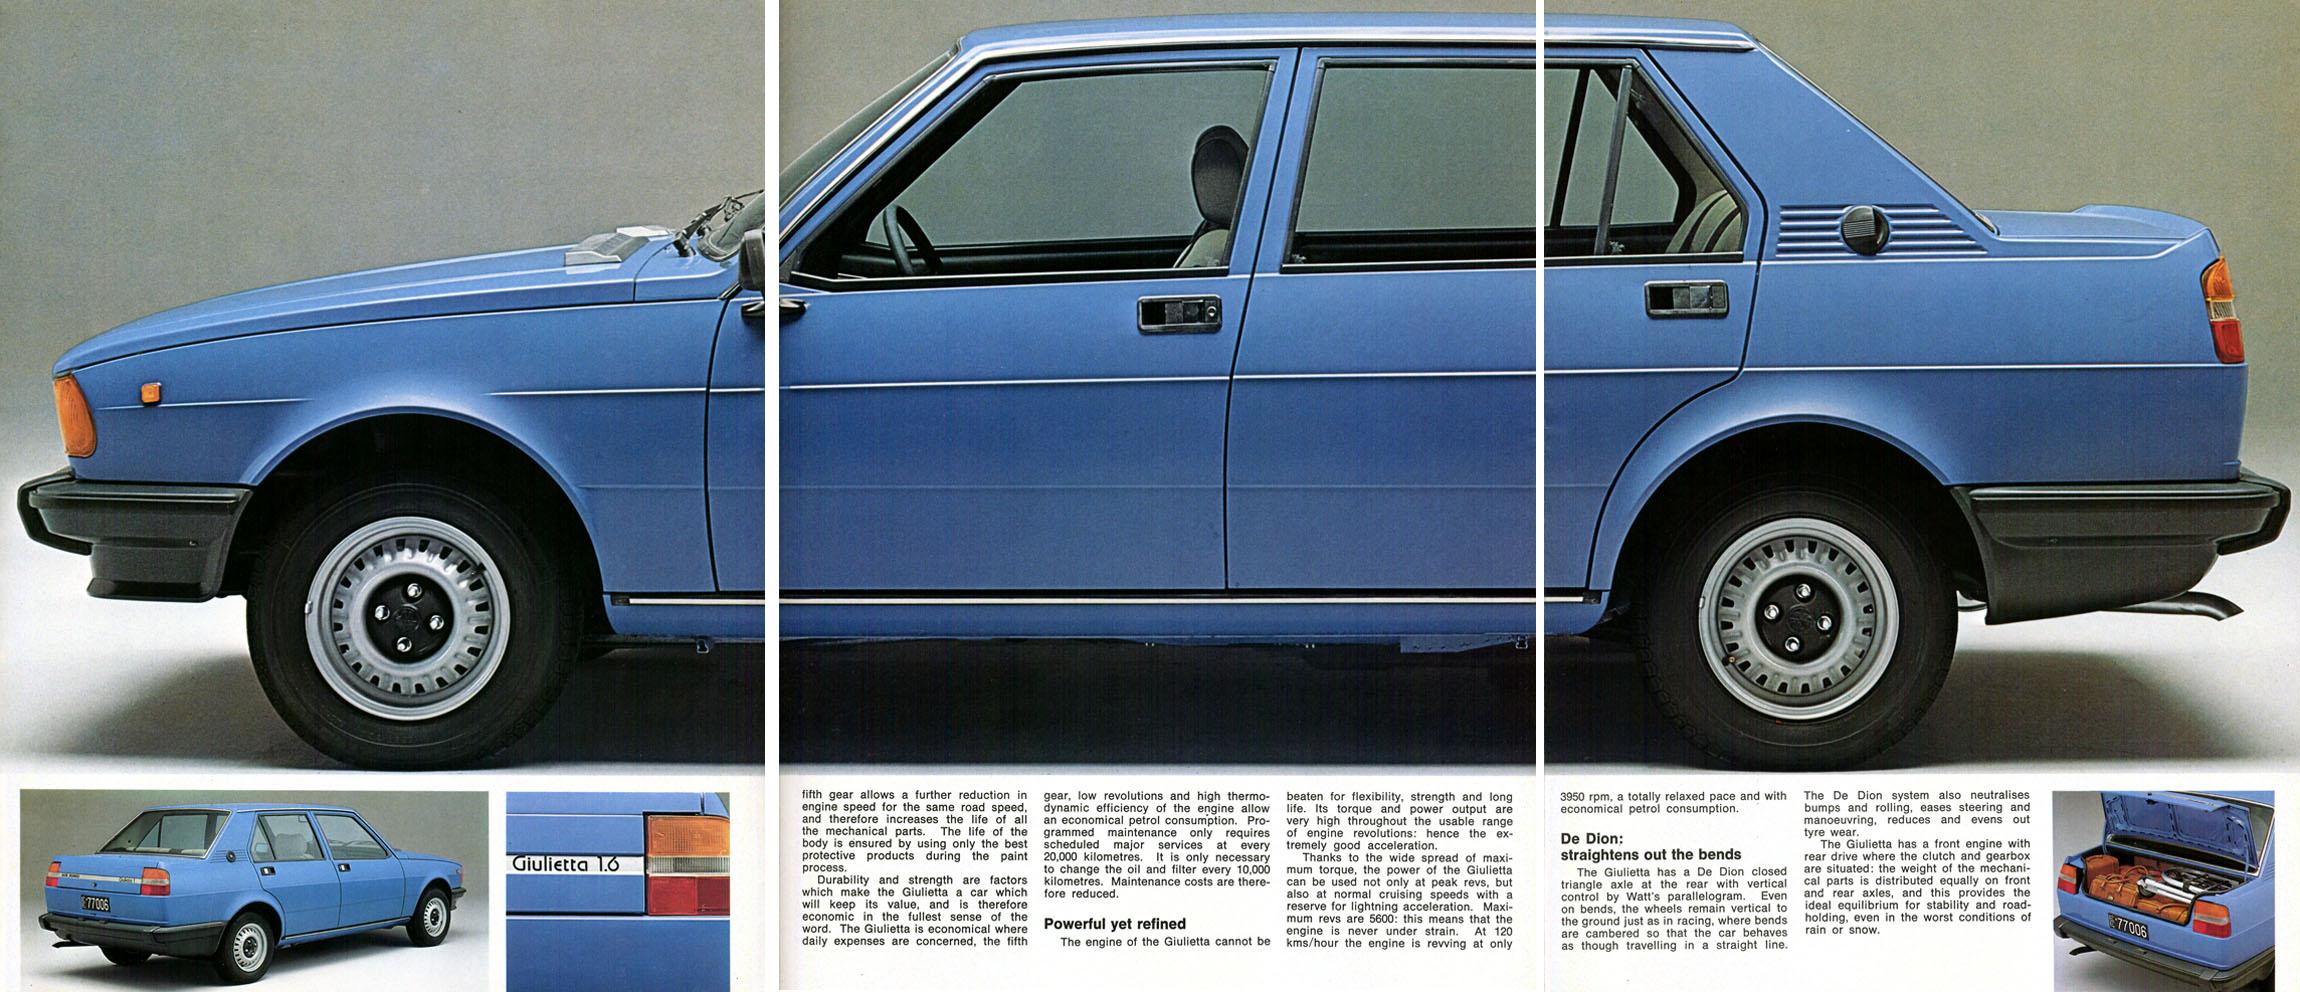 Alfa2 in addition Opala Ss 1980 Rodas Diplomata E Pneus Cooper Cobra additionally Citroen Gsa 1979 also Volkswagen Scirocco 1977 further 200583013626 Giulietta moretti. on 1980 alfa romeo